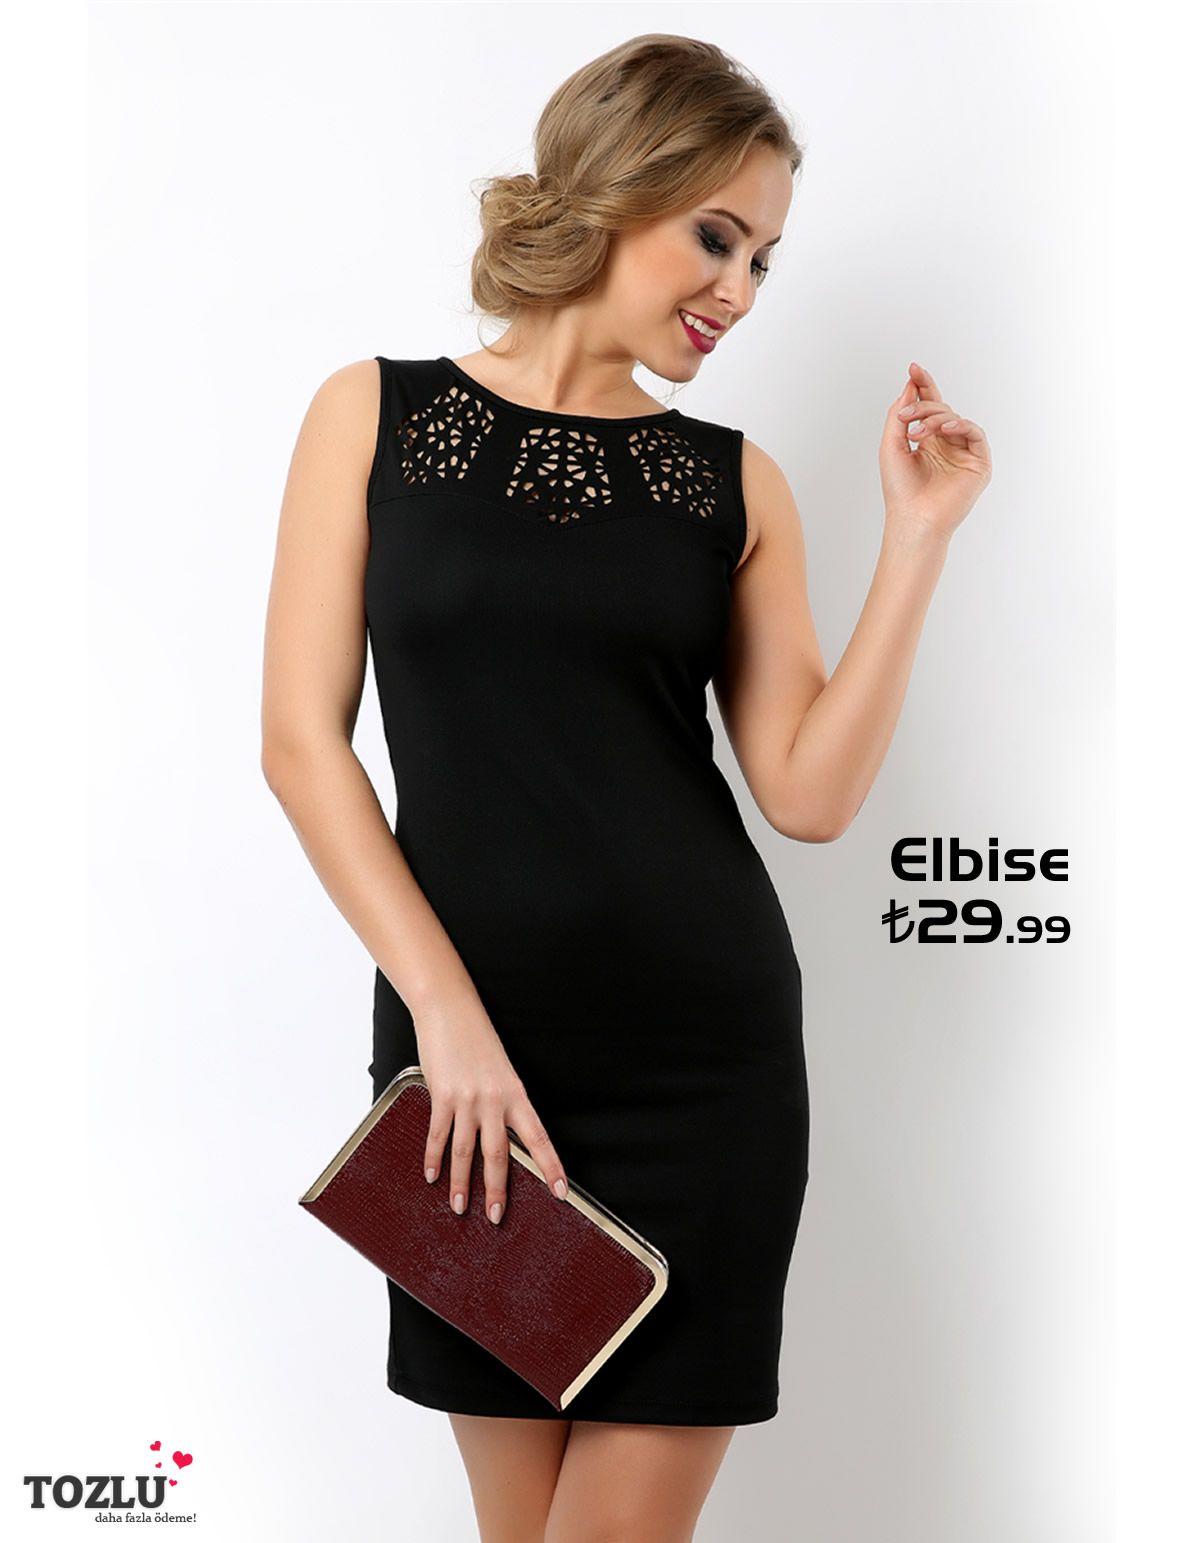 Modelleri ve elbise fiyatlar modasor com pictures to pin on pinterest -  Tozlu Elbise Modelleri Ile Kendinizi Daha Iyi Hissedin R N Incelemek Ve Sipari Vermek